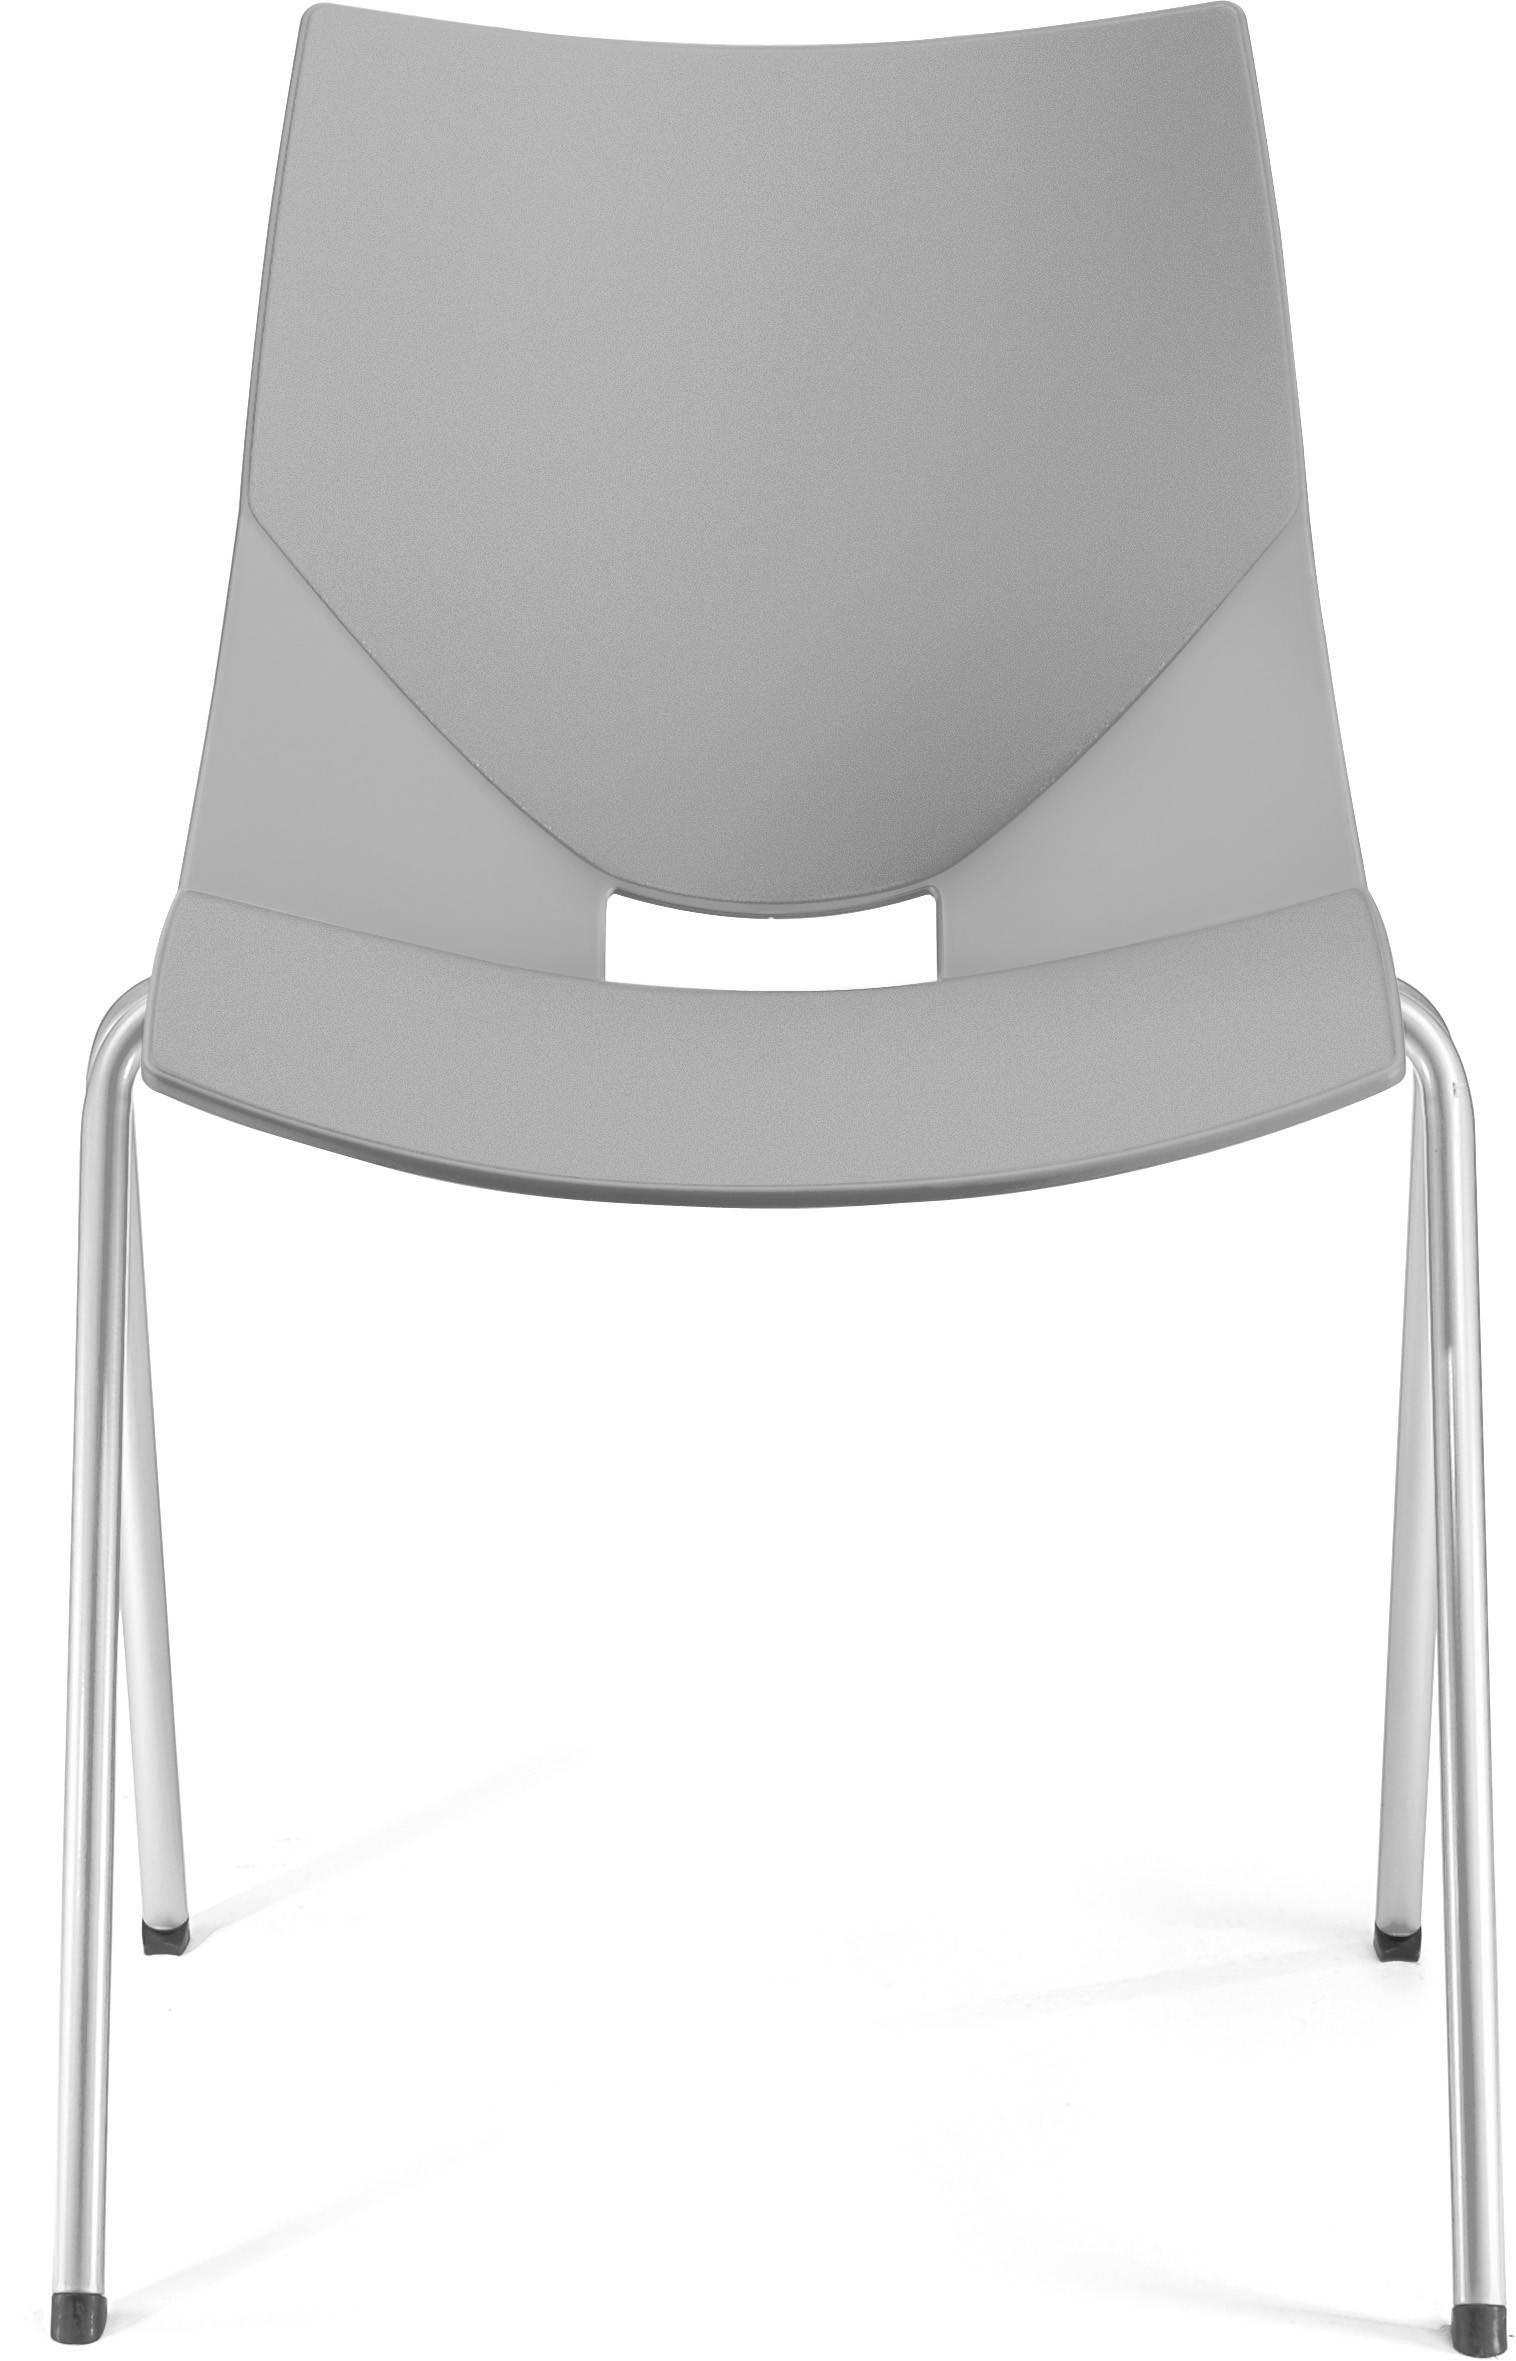 set-4-sedie-sora-in-plastica-bianca-con-struttura-in-metallo-finitura-alluminio-made-in-italy.jpg